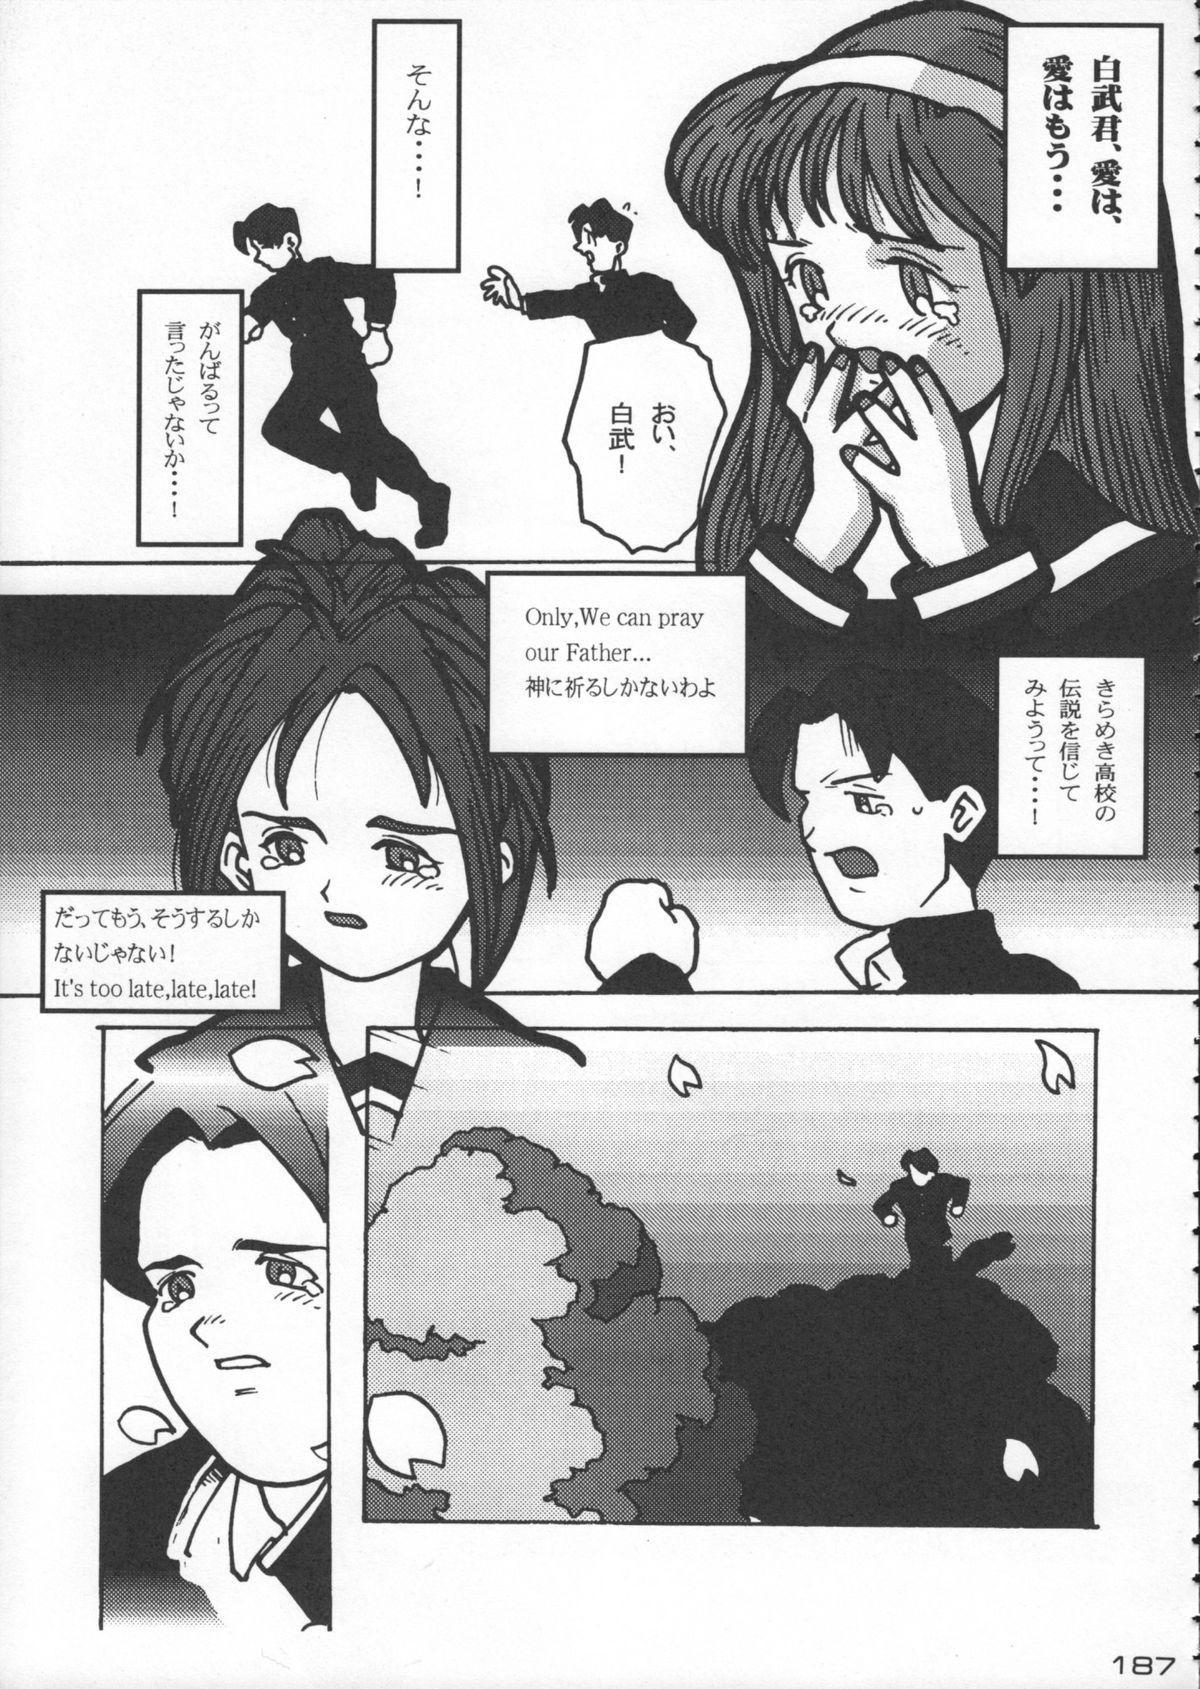 Godzilla vs Curry Aji 187